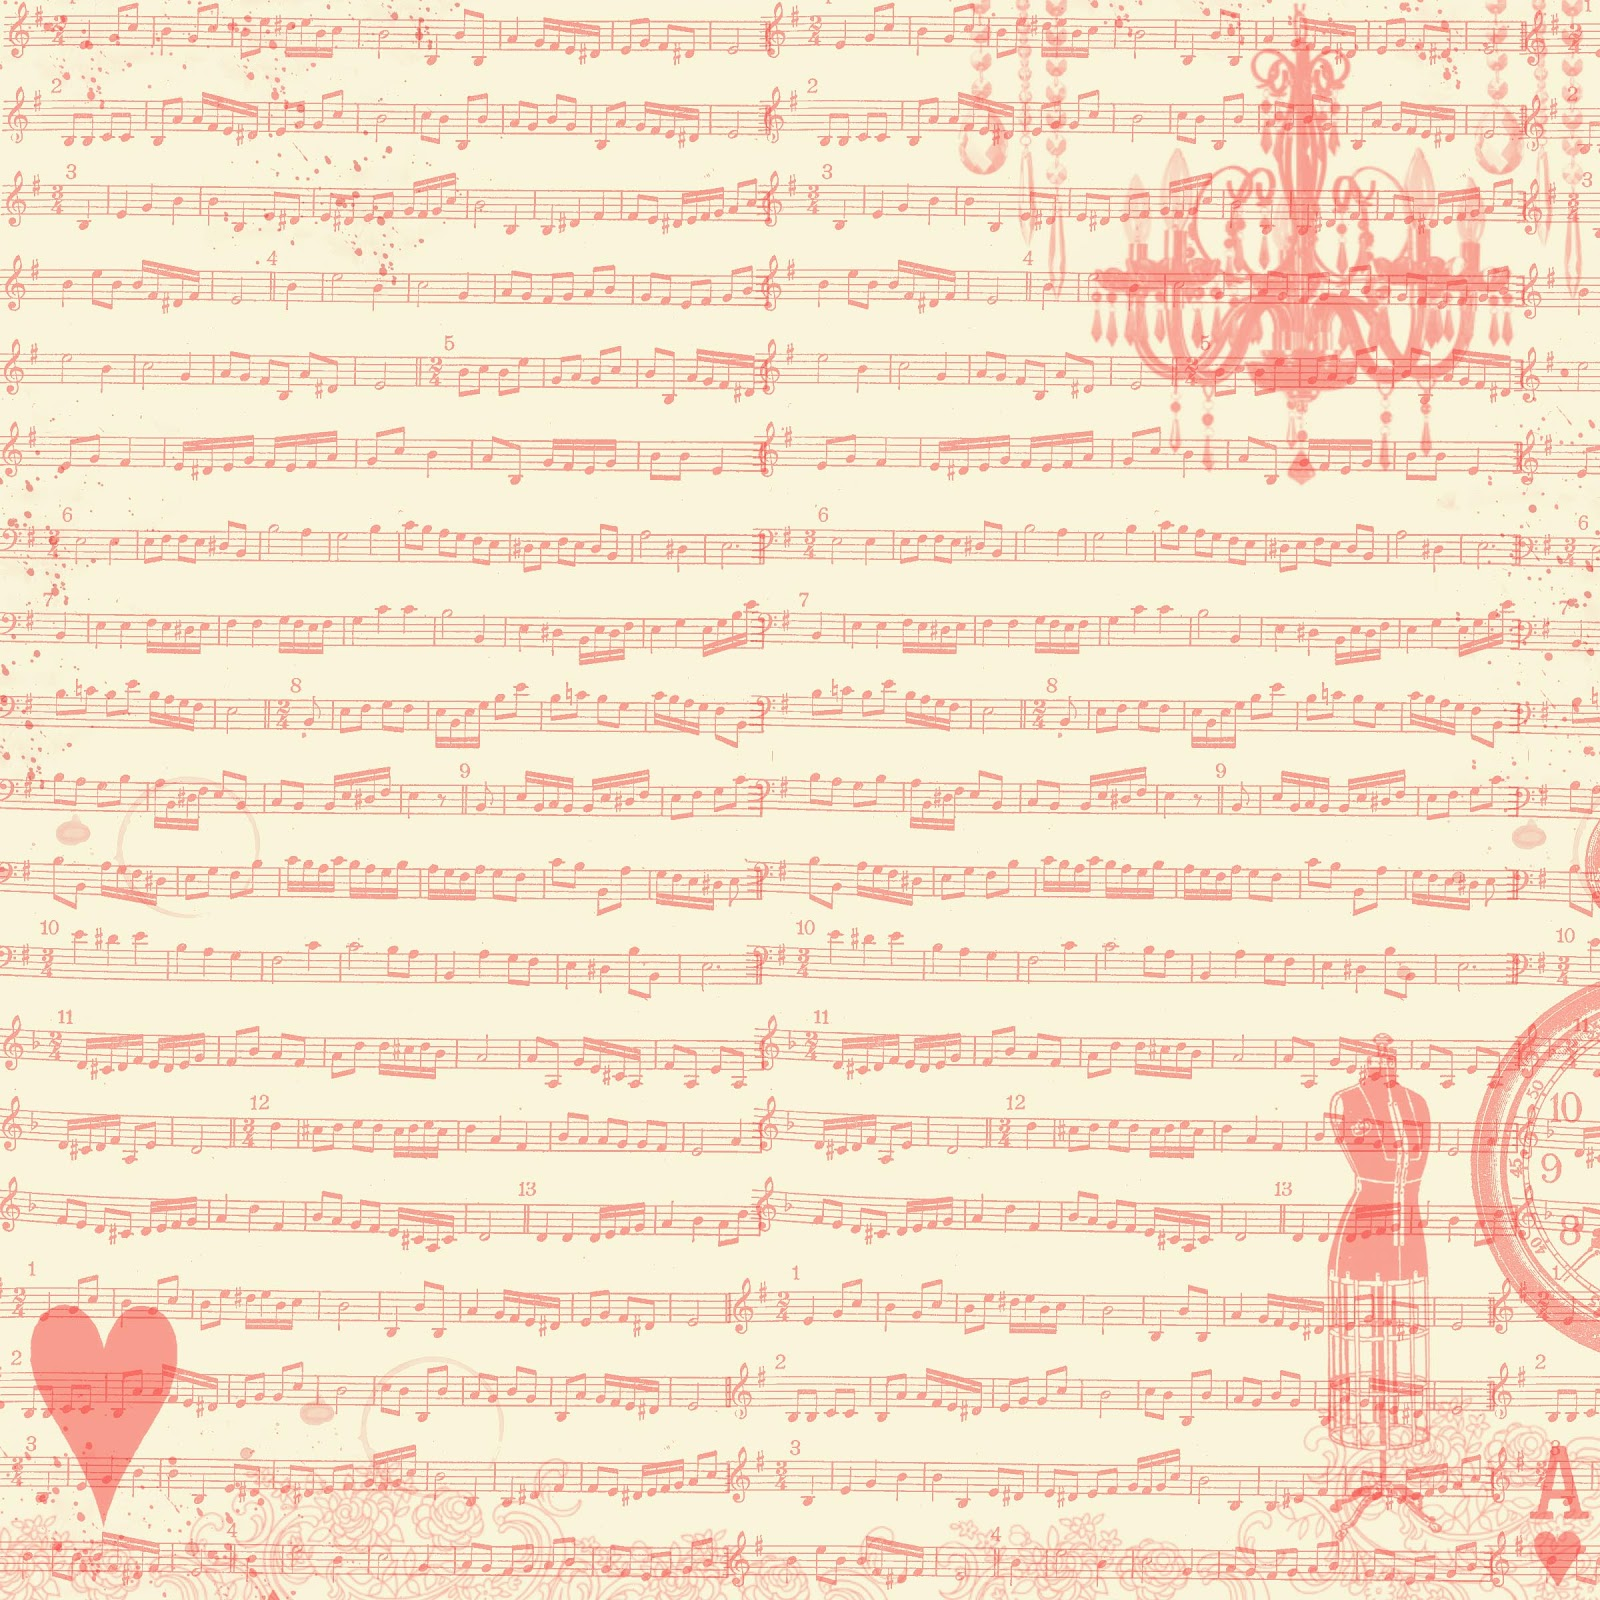 am19-tycho-art-music-album-cover-illust-simple-white